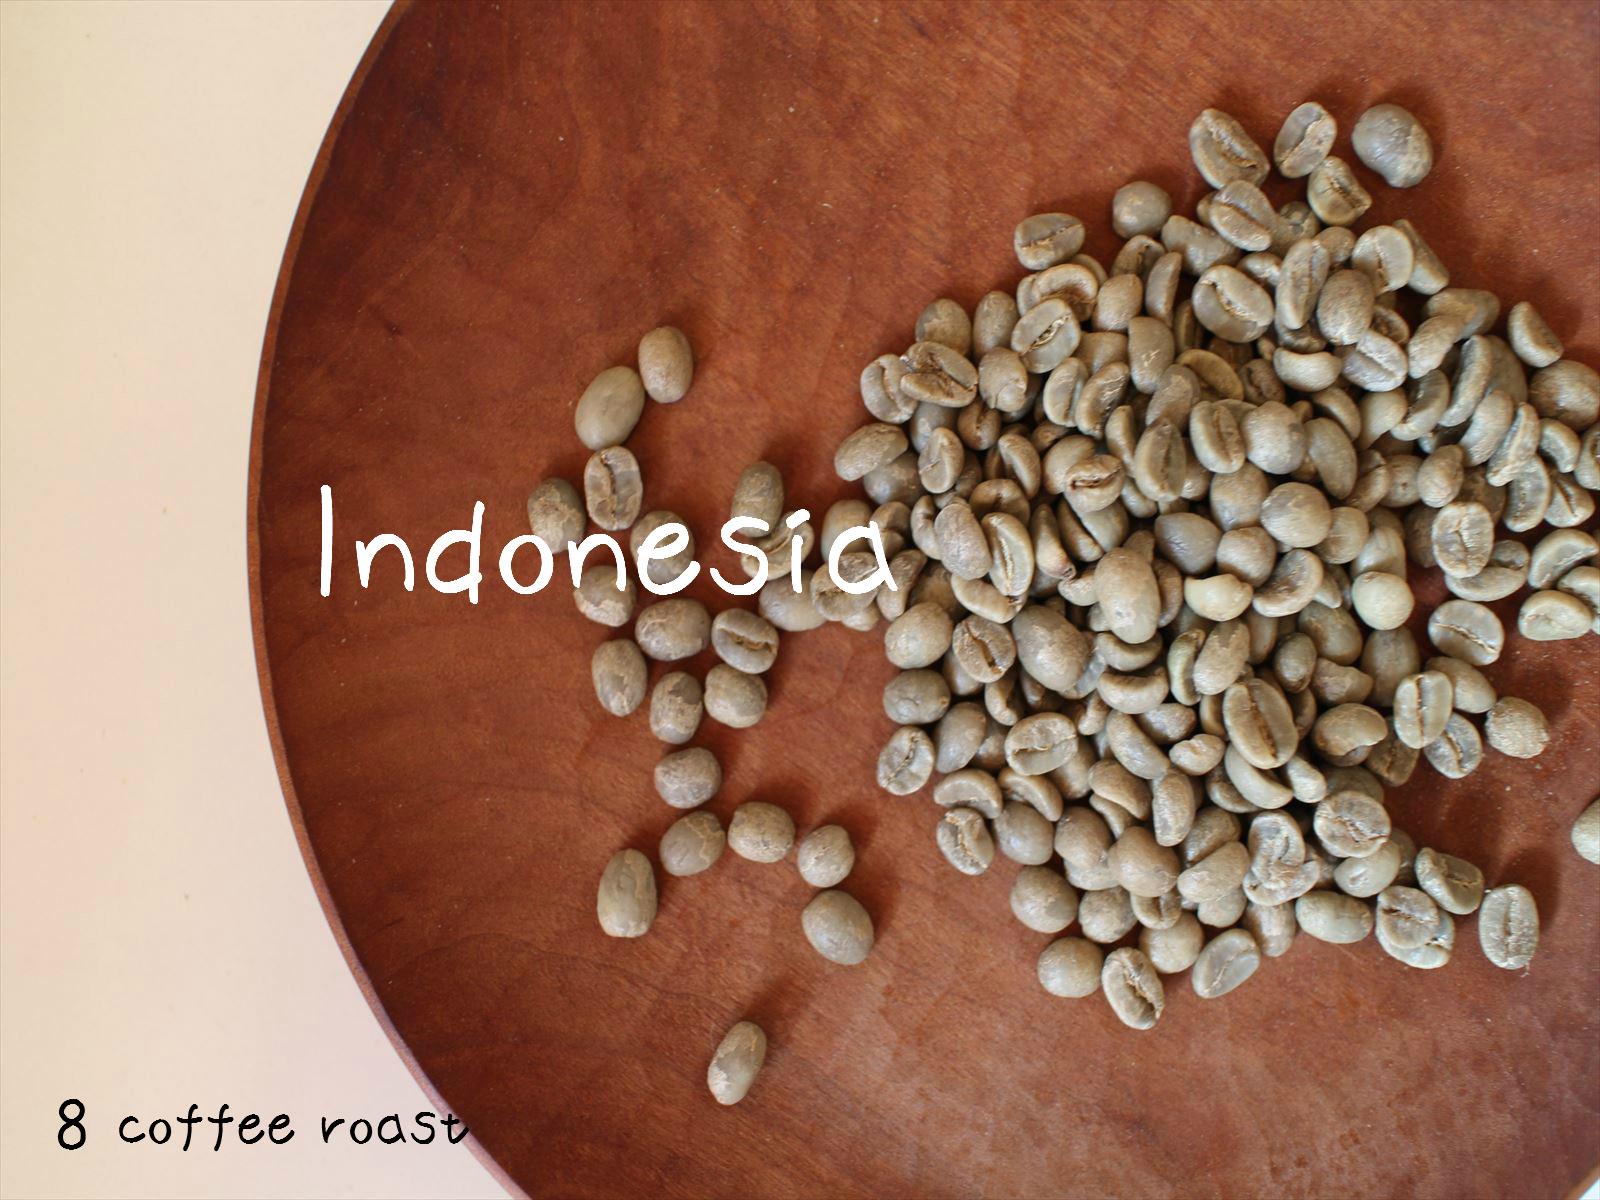 新品 送料無料 コーヒー生豆 インドネシア バリ 神山 ハニー 50g 出荷 内容量